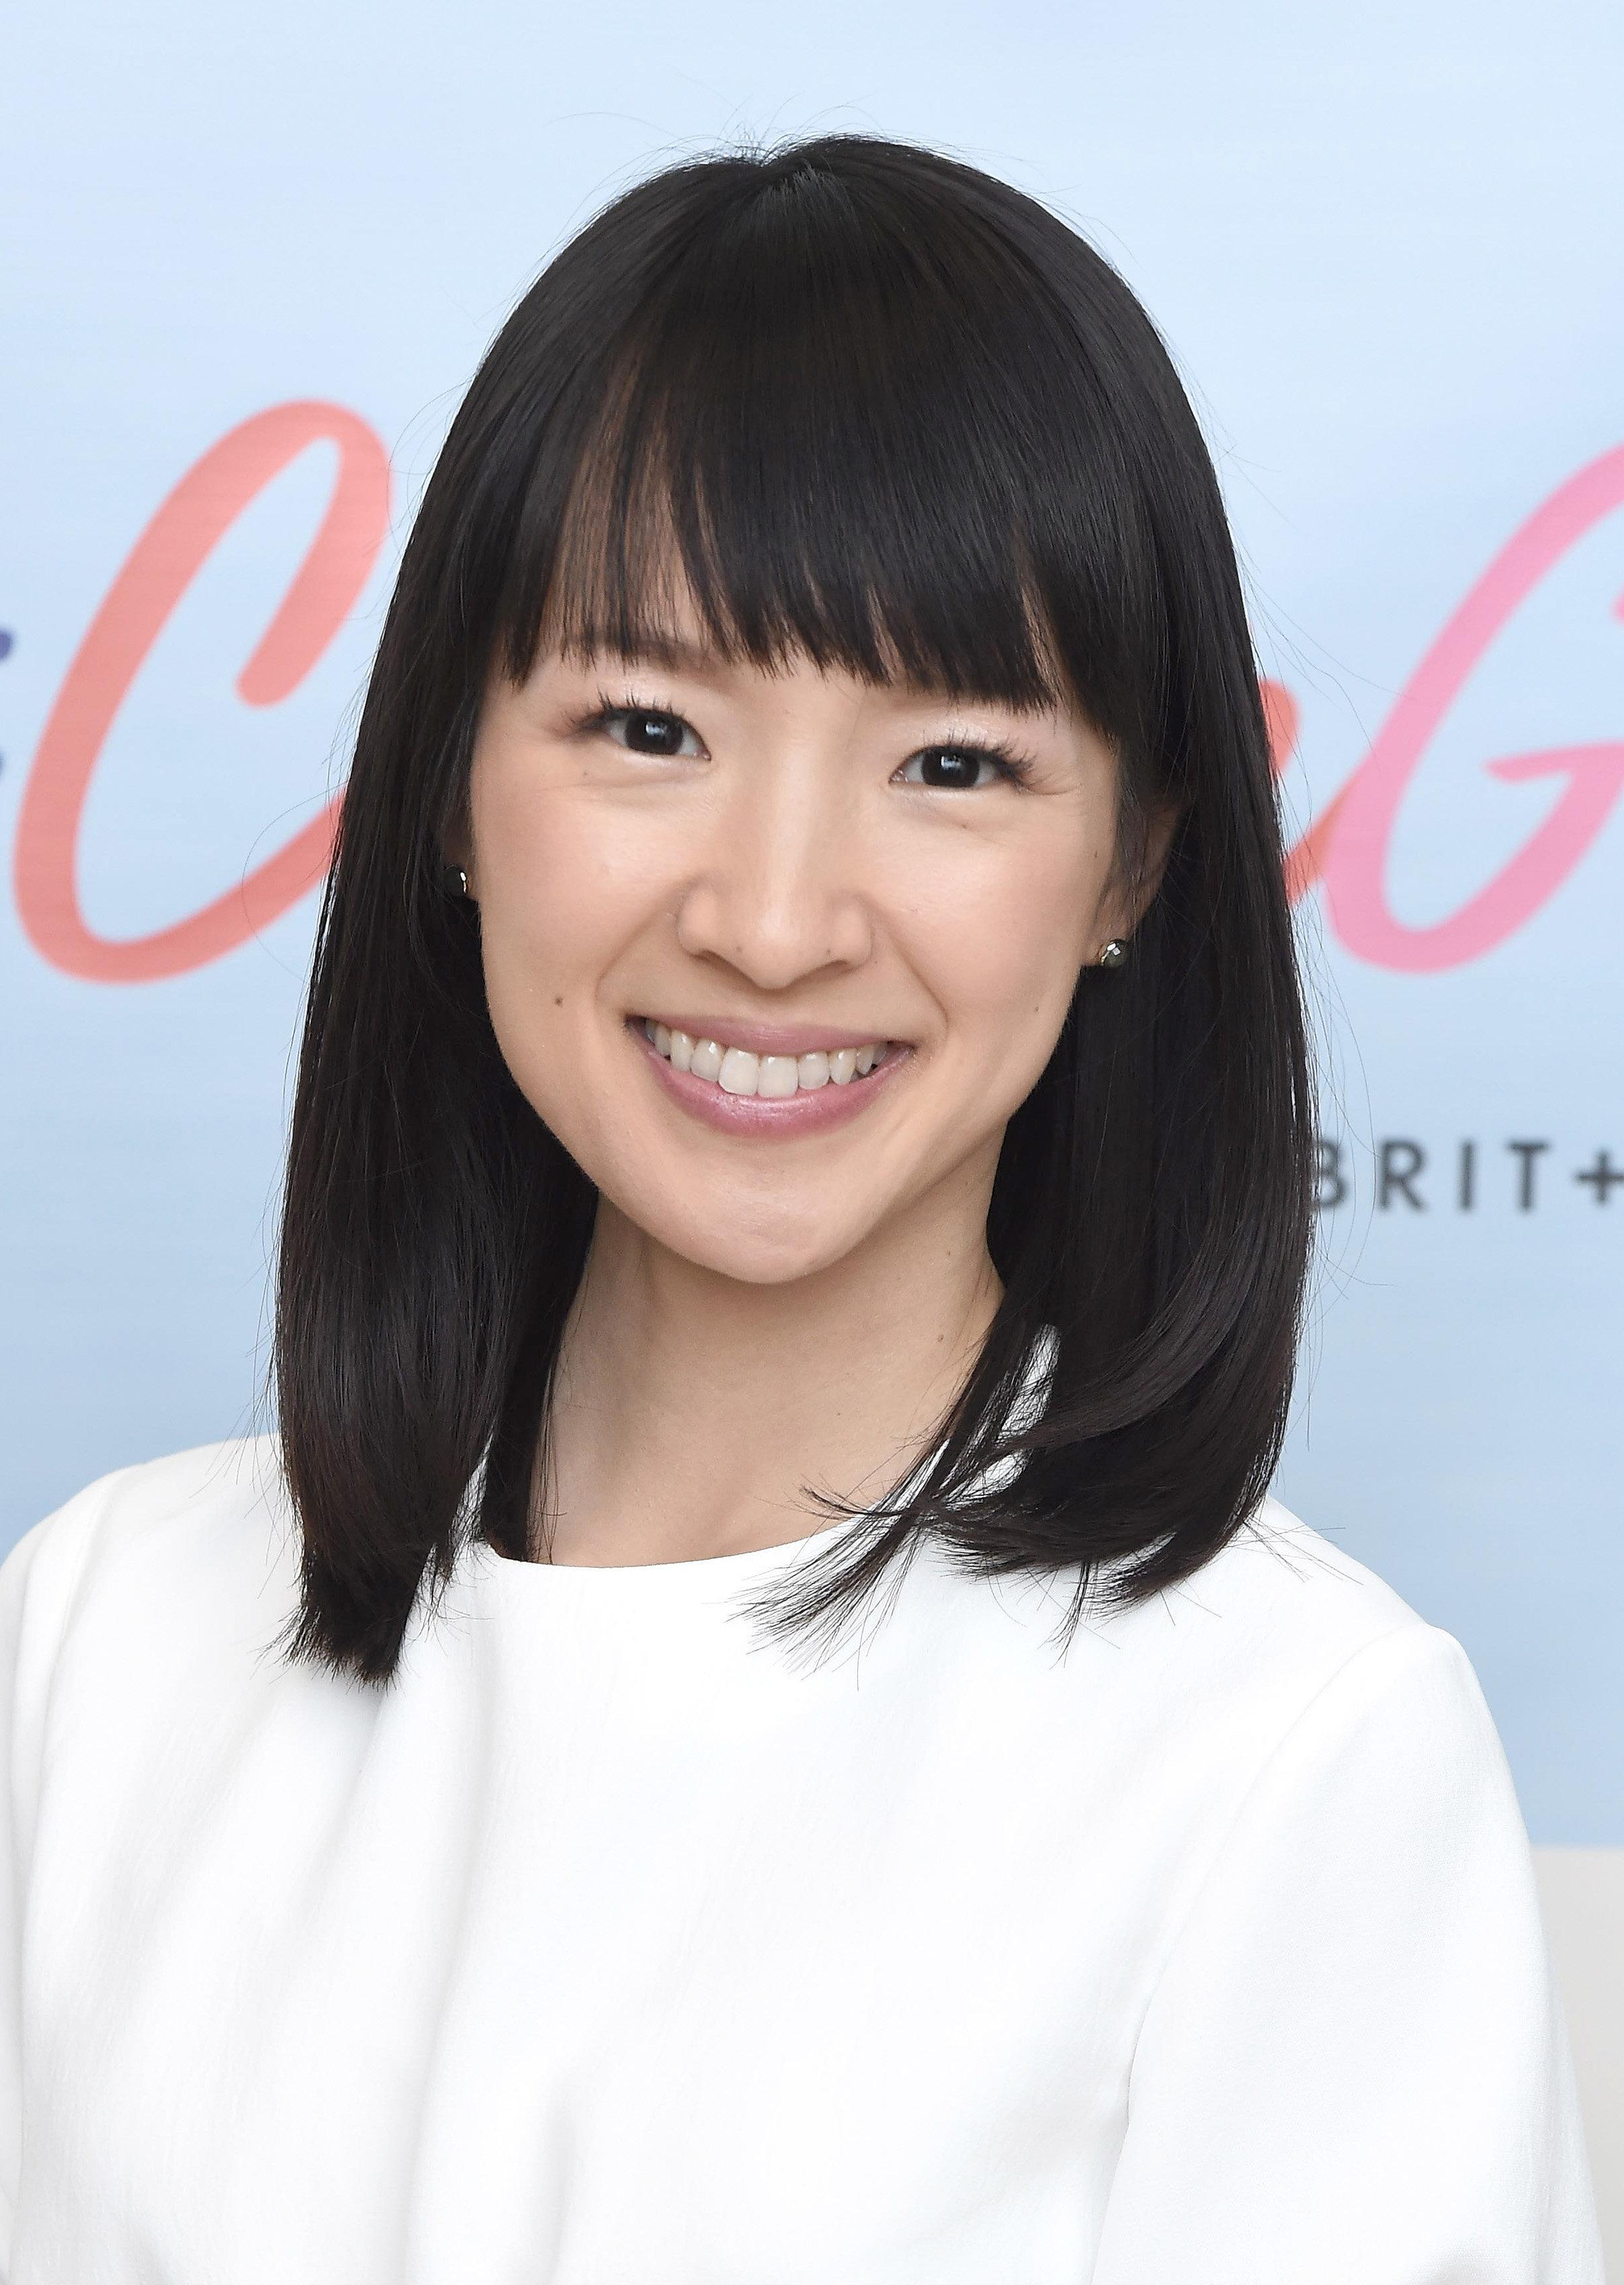 Netflix lance une téléréalité avec Marie Kondō, la reine du